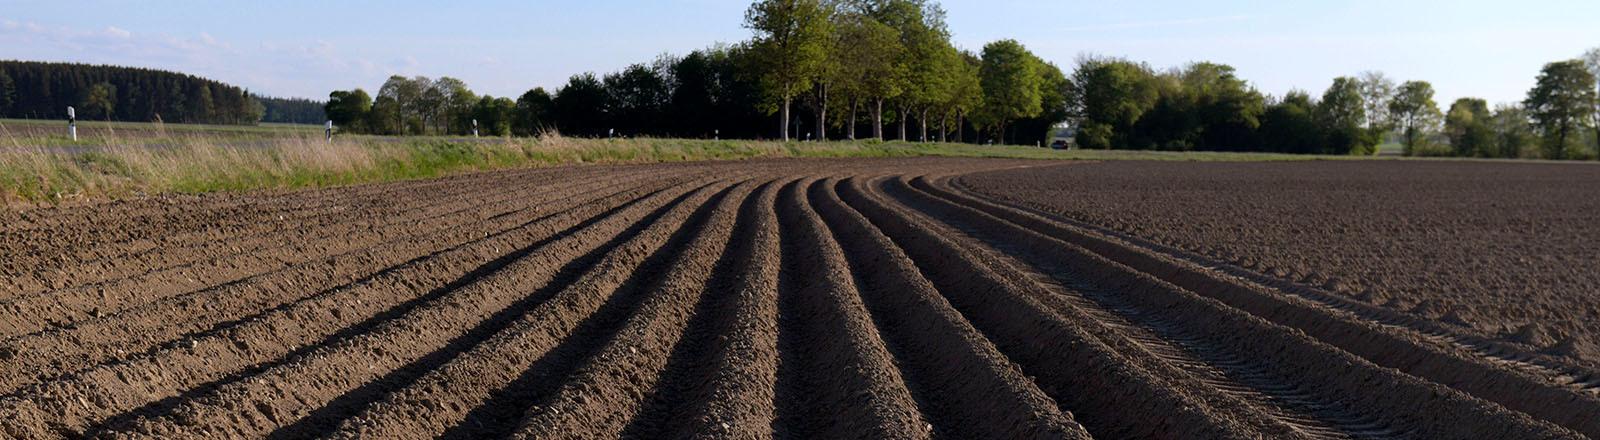 Frisch präparierter Kartoffelacker bei Waal im Allgäu. Der Boden ist extrem trocken durch den fehlenden Regen in diesem Frühjahr (29.04.2020).